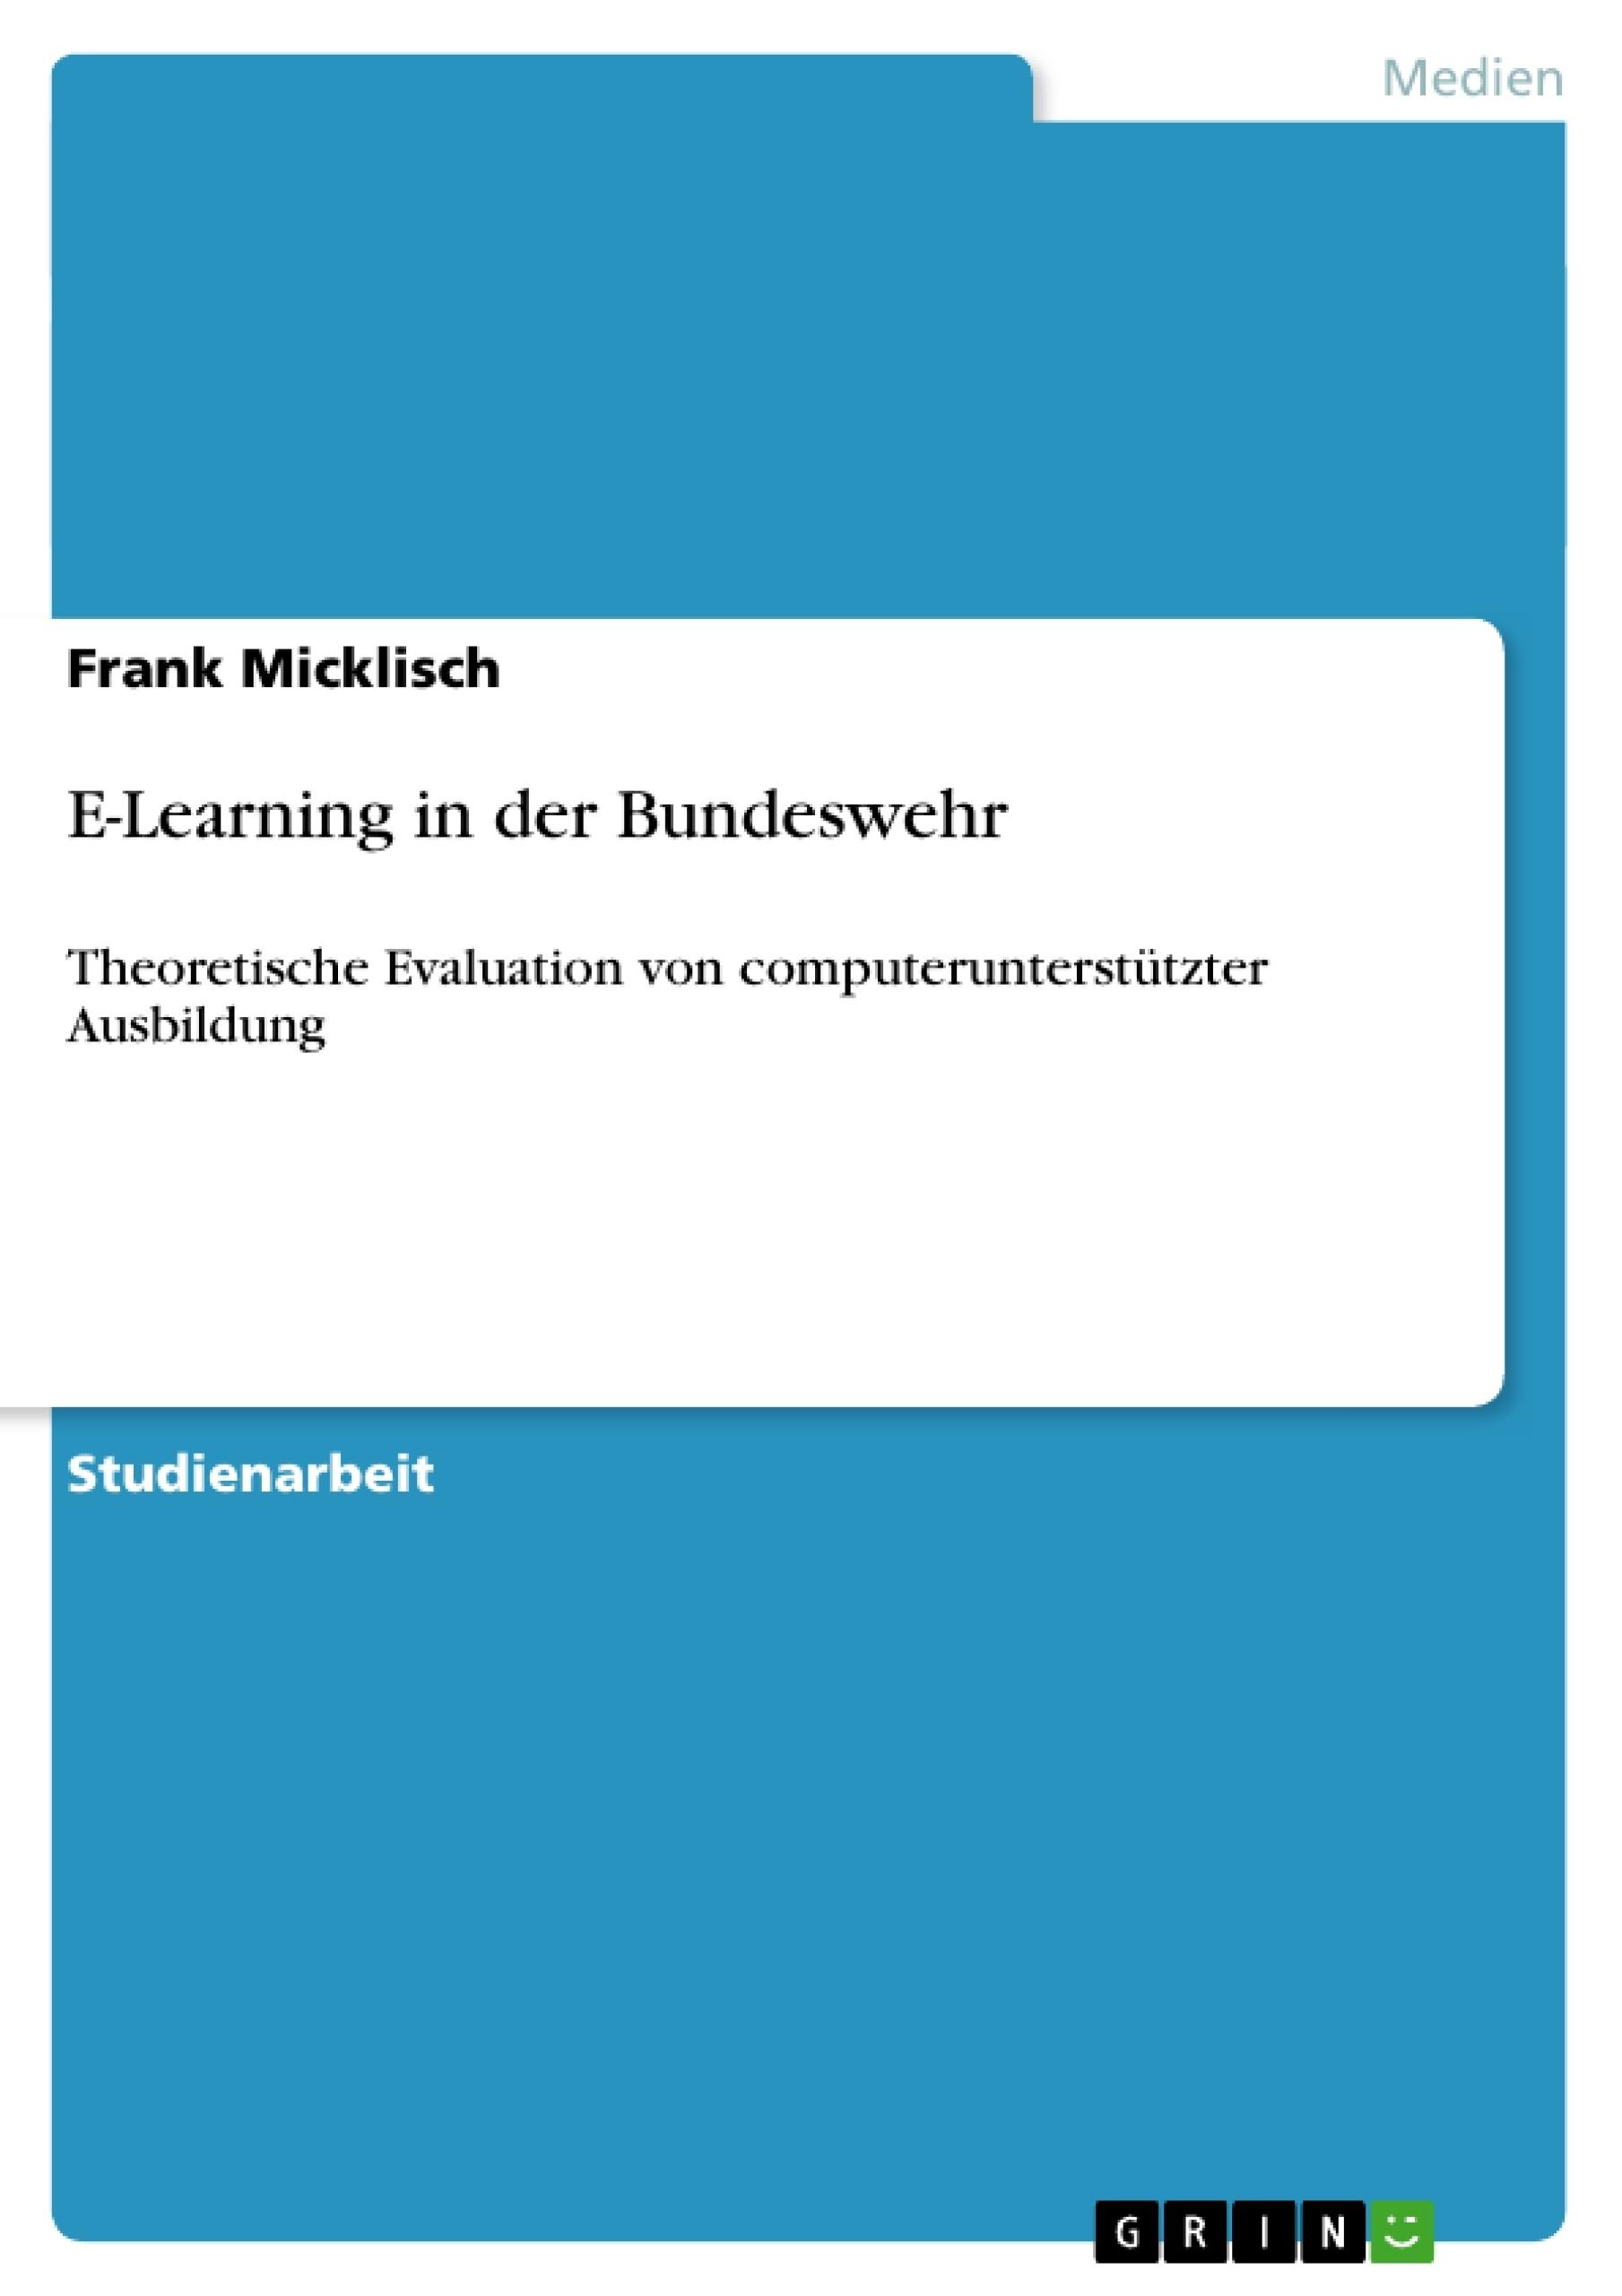 Titel: E-Learning in der Bundeswehr